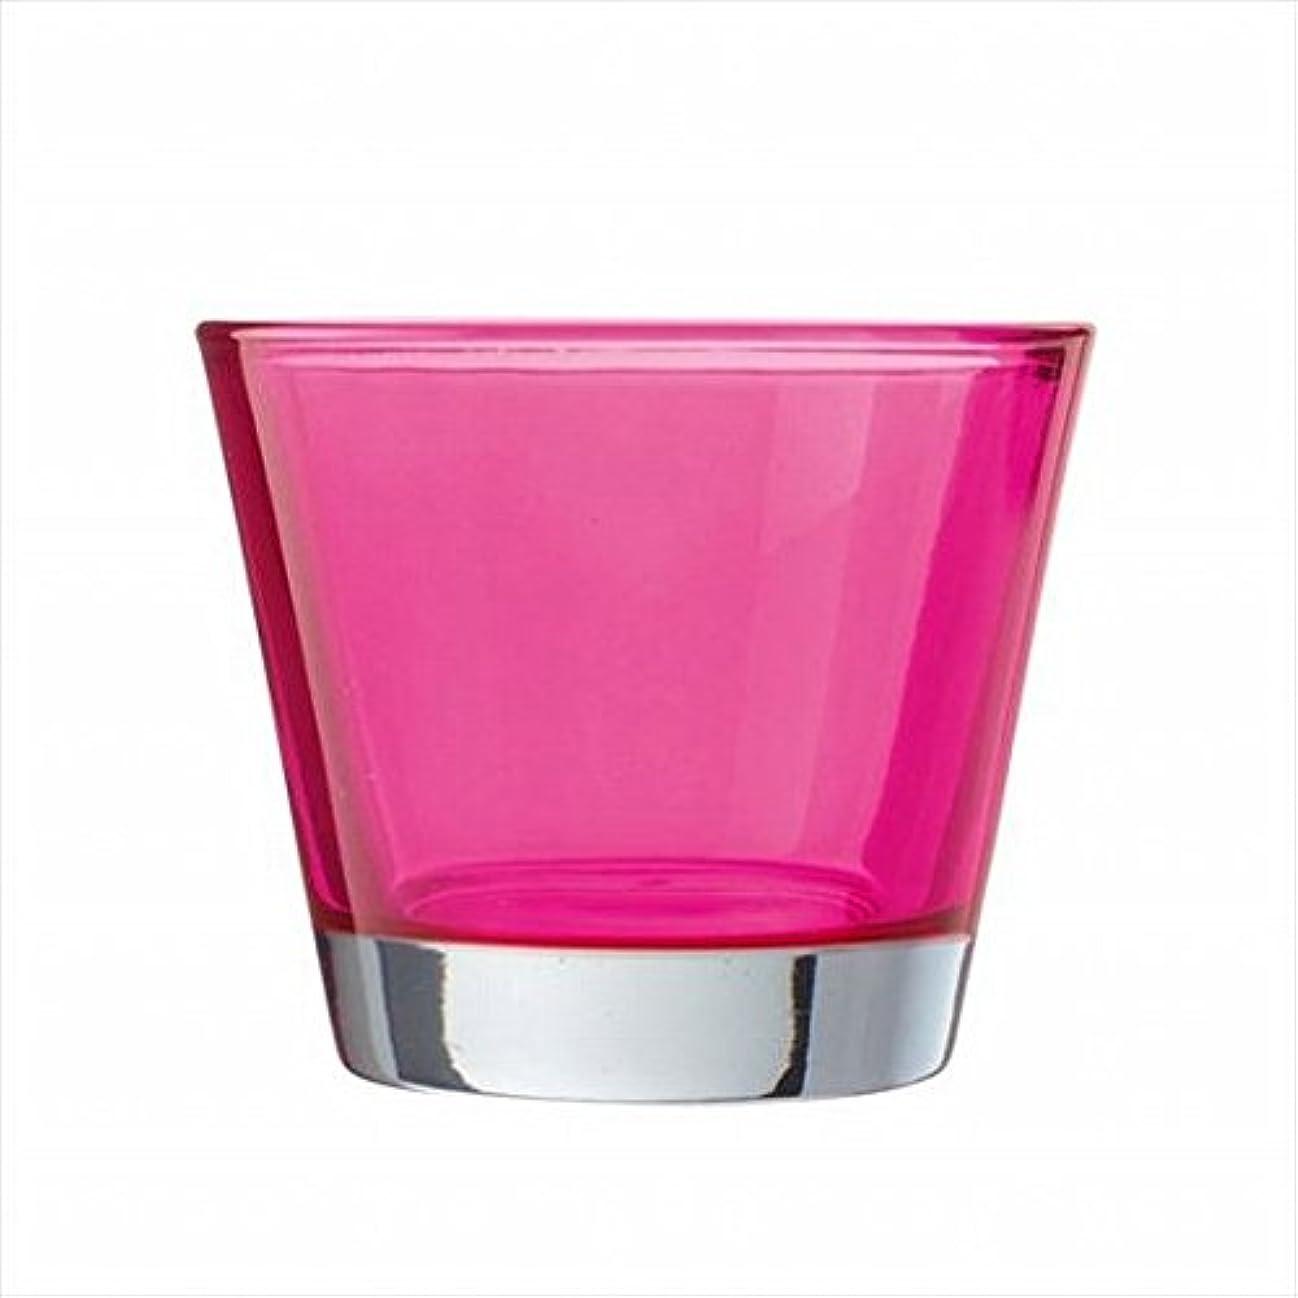 静かなもの農業kameyama candle(カメヤマキャンドル) カラリス 「 ピンク 」 キャンドル 82x82x70mm (J2540000PK)